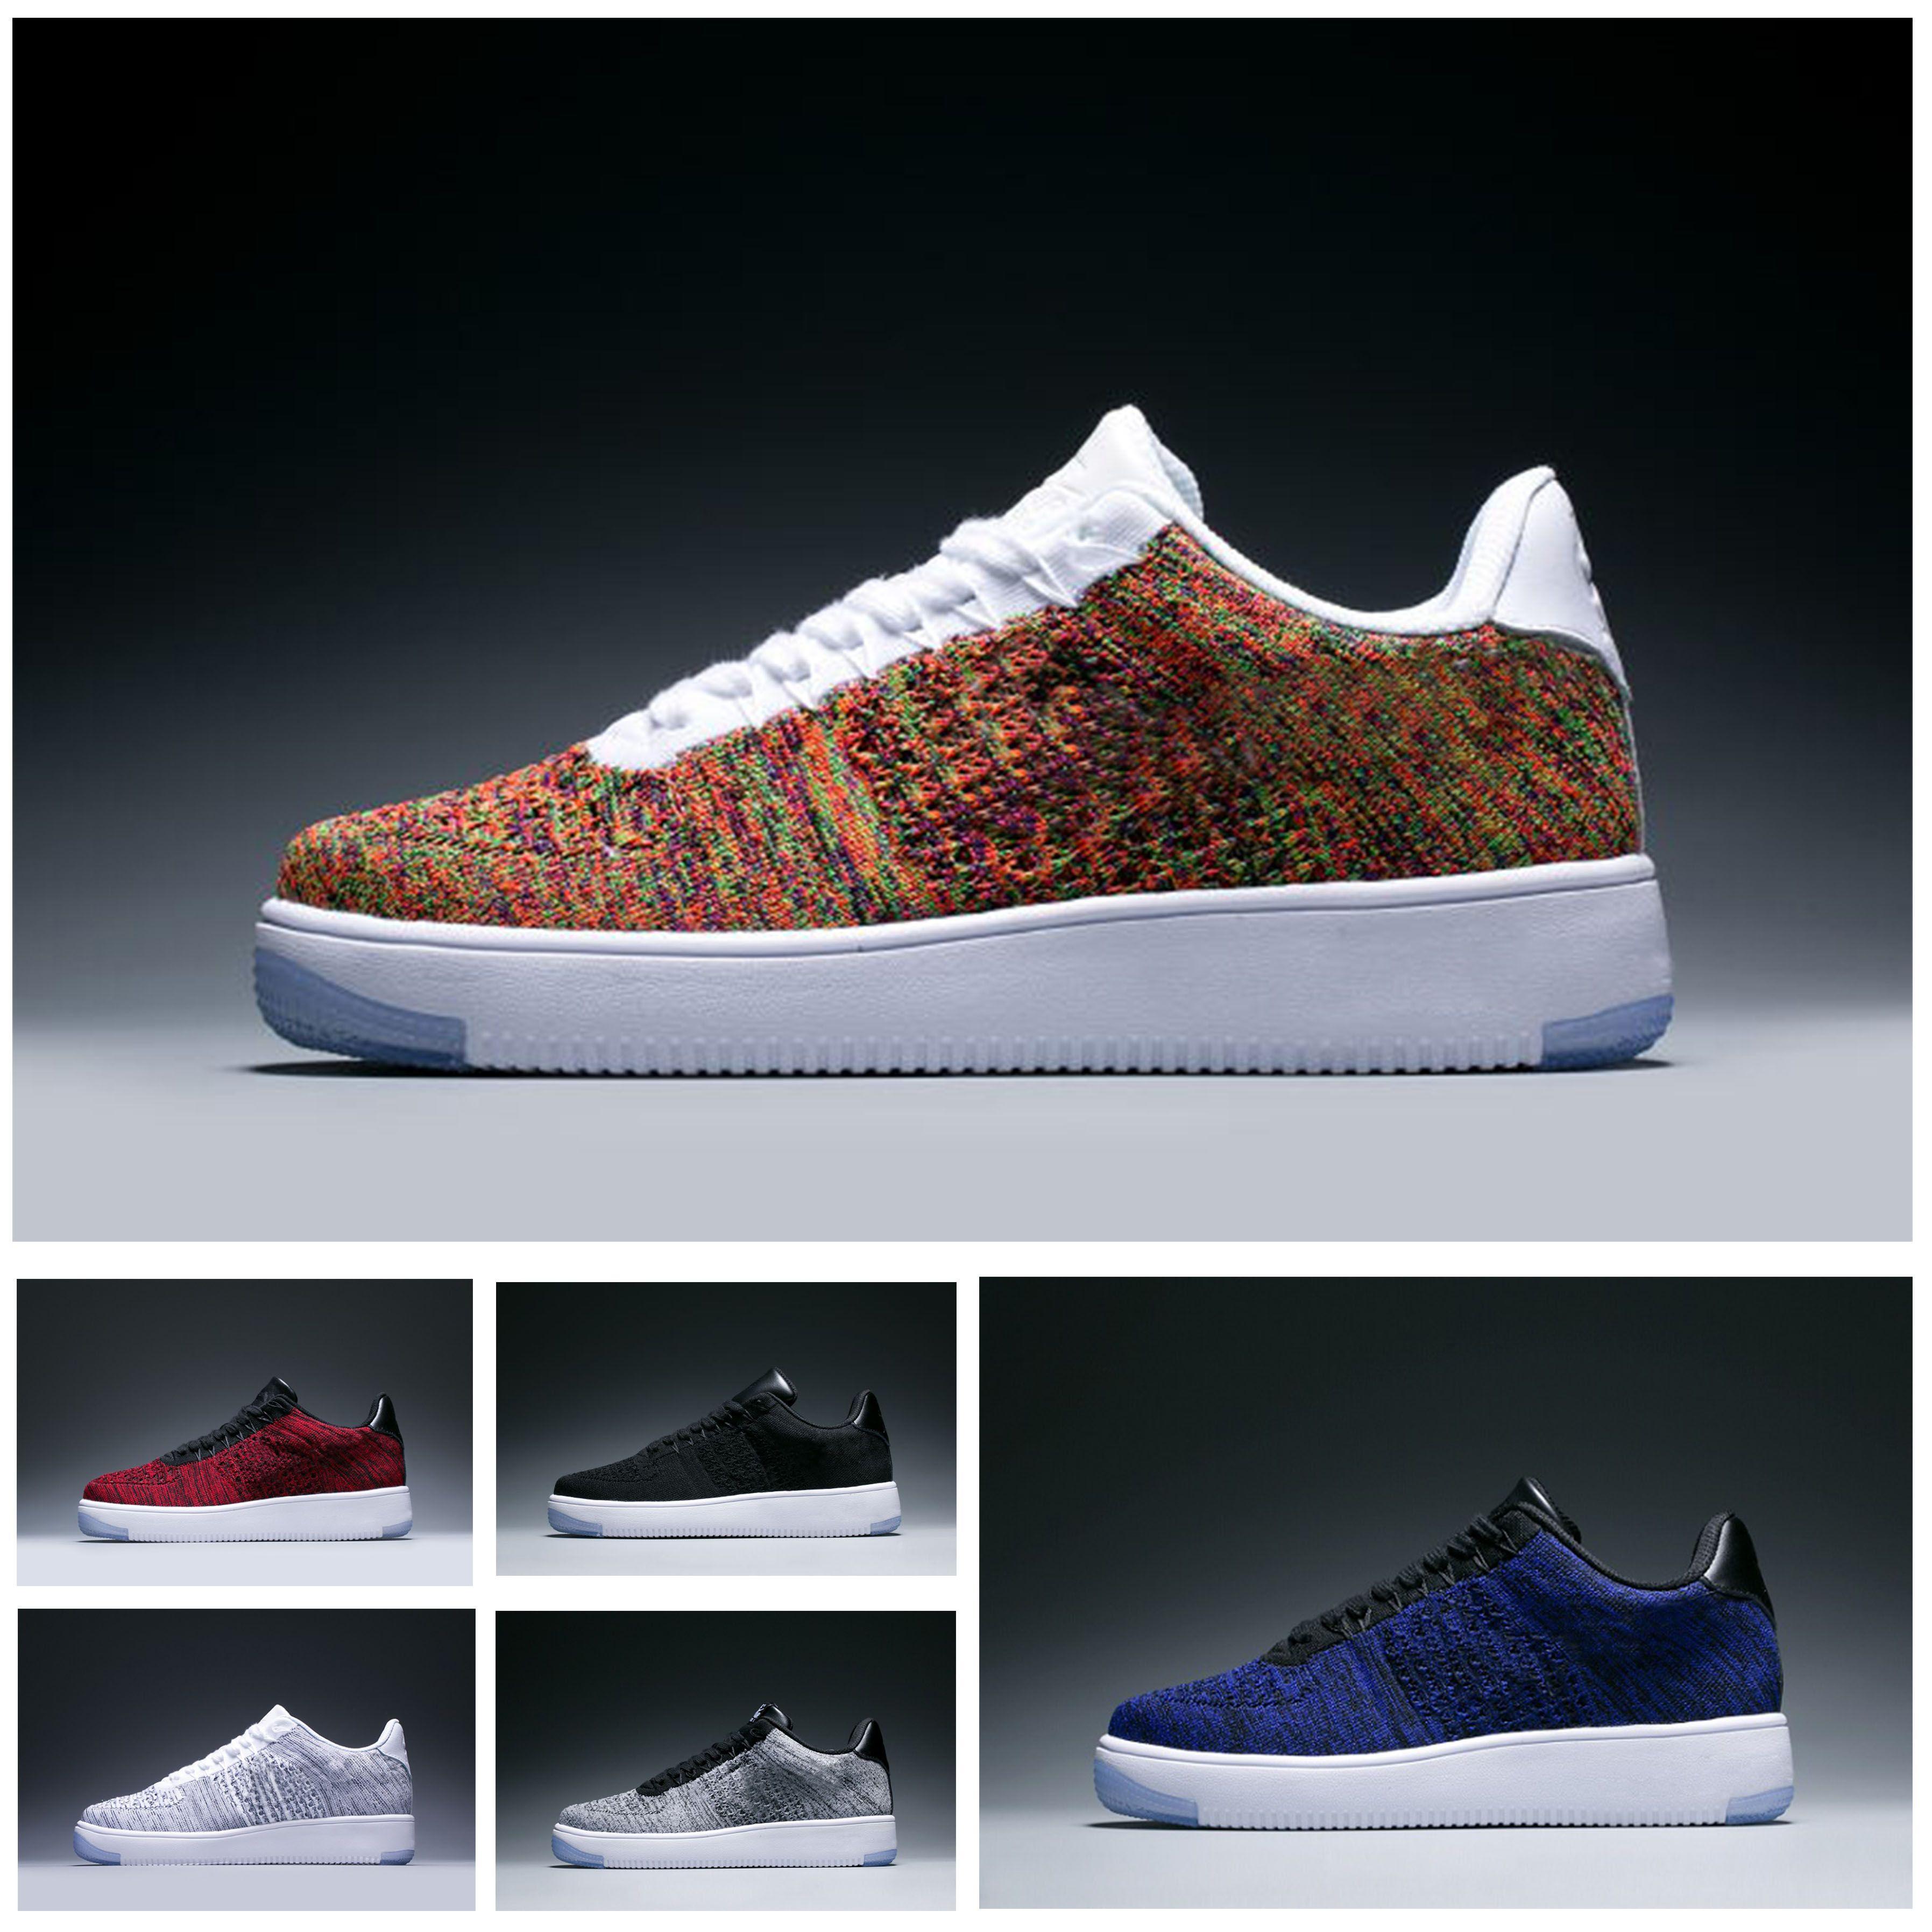 03f80bef8 Compre Nike Air Force 1 Flyknit AF1 Designer Shoes Just Do I Atacado 1 High  Special Campo Preto Trigo Branco Sapatos De Homens Das Mulheres Dos Homens  ...